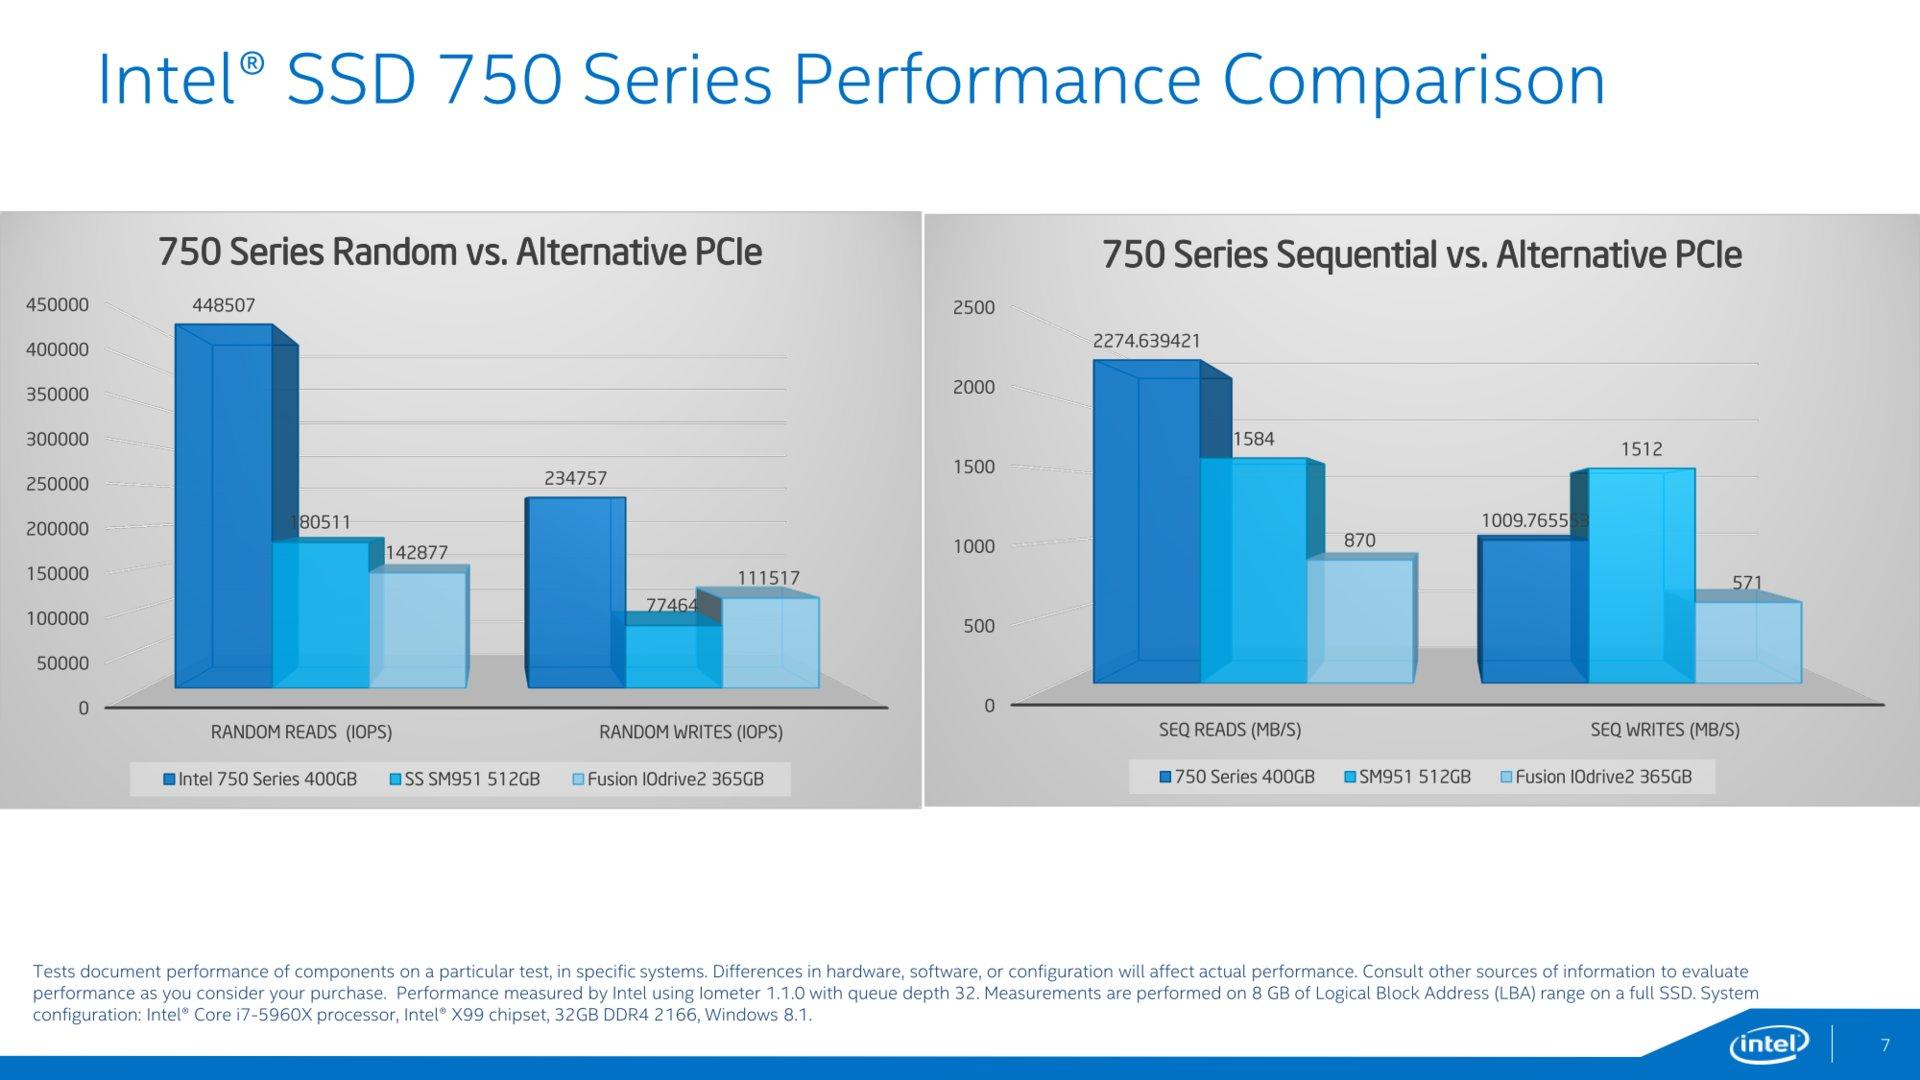 Herstellerbenchmarks im Vergleich zu anderen PCIe-SSDs